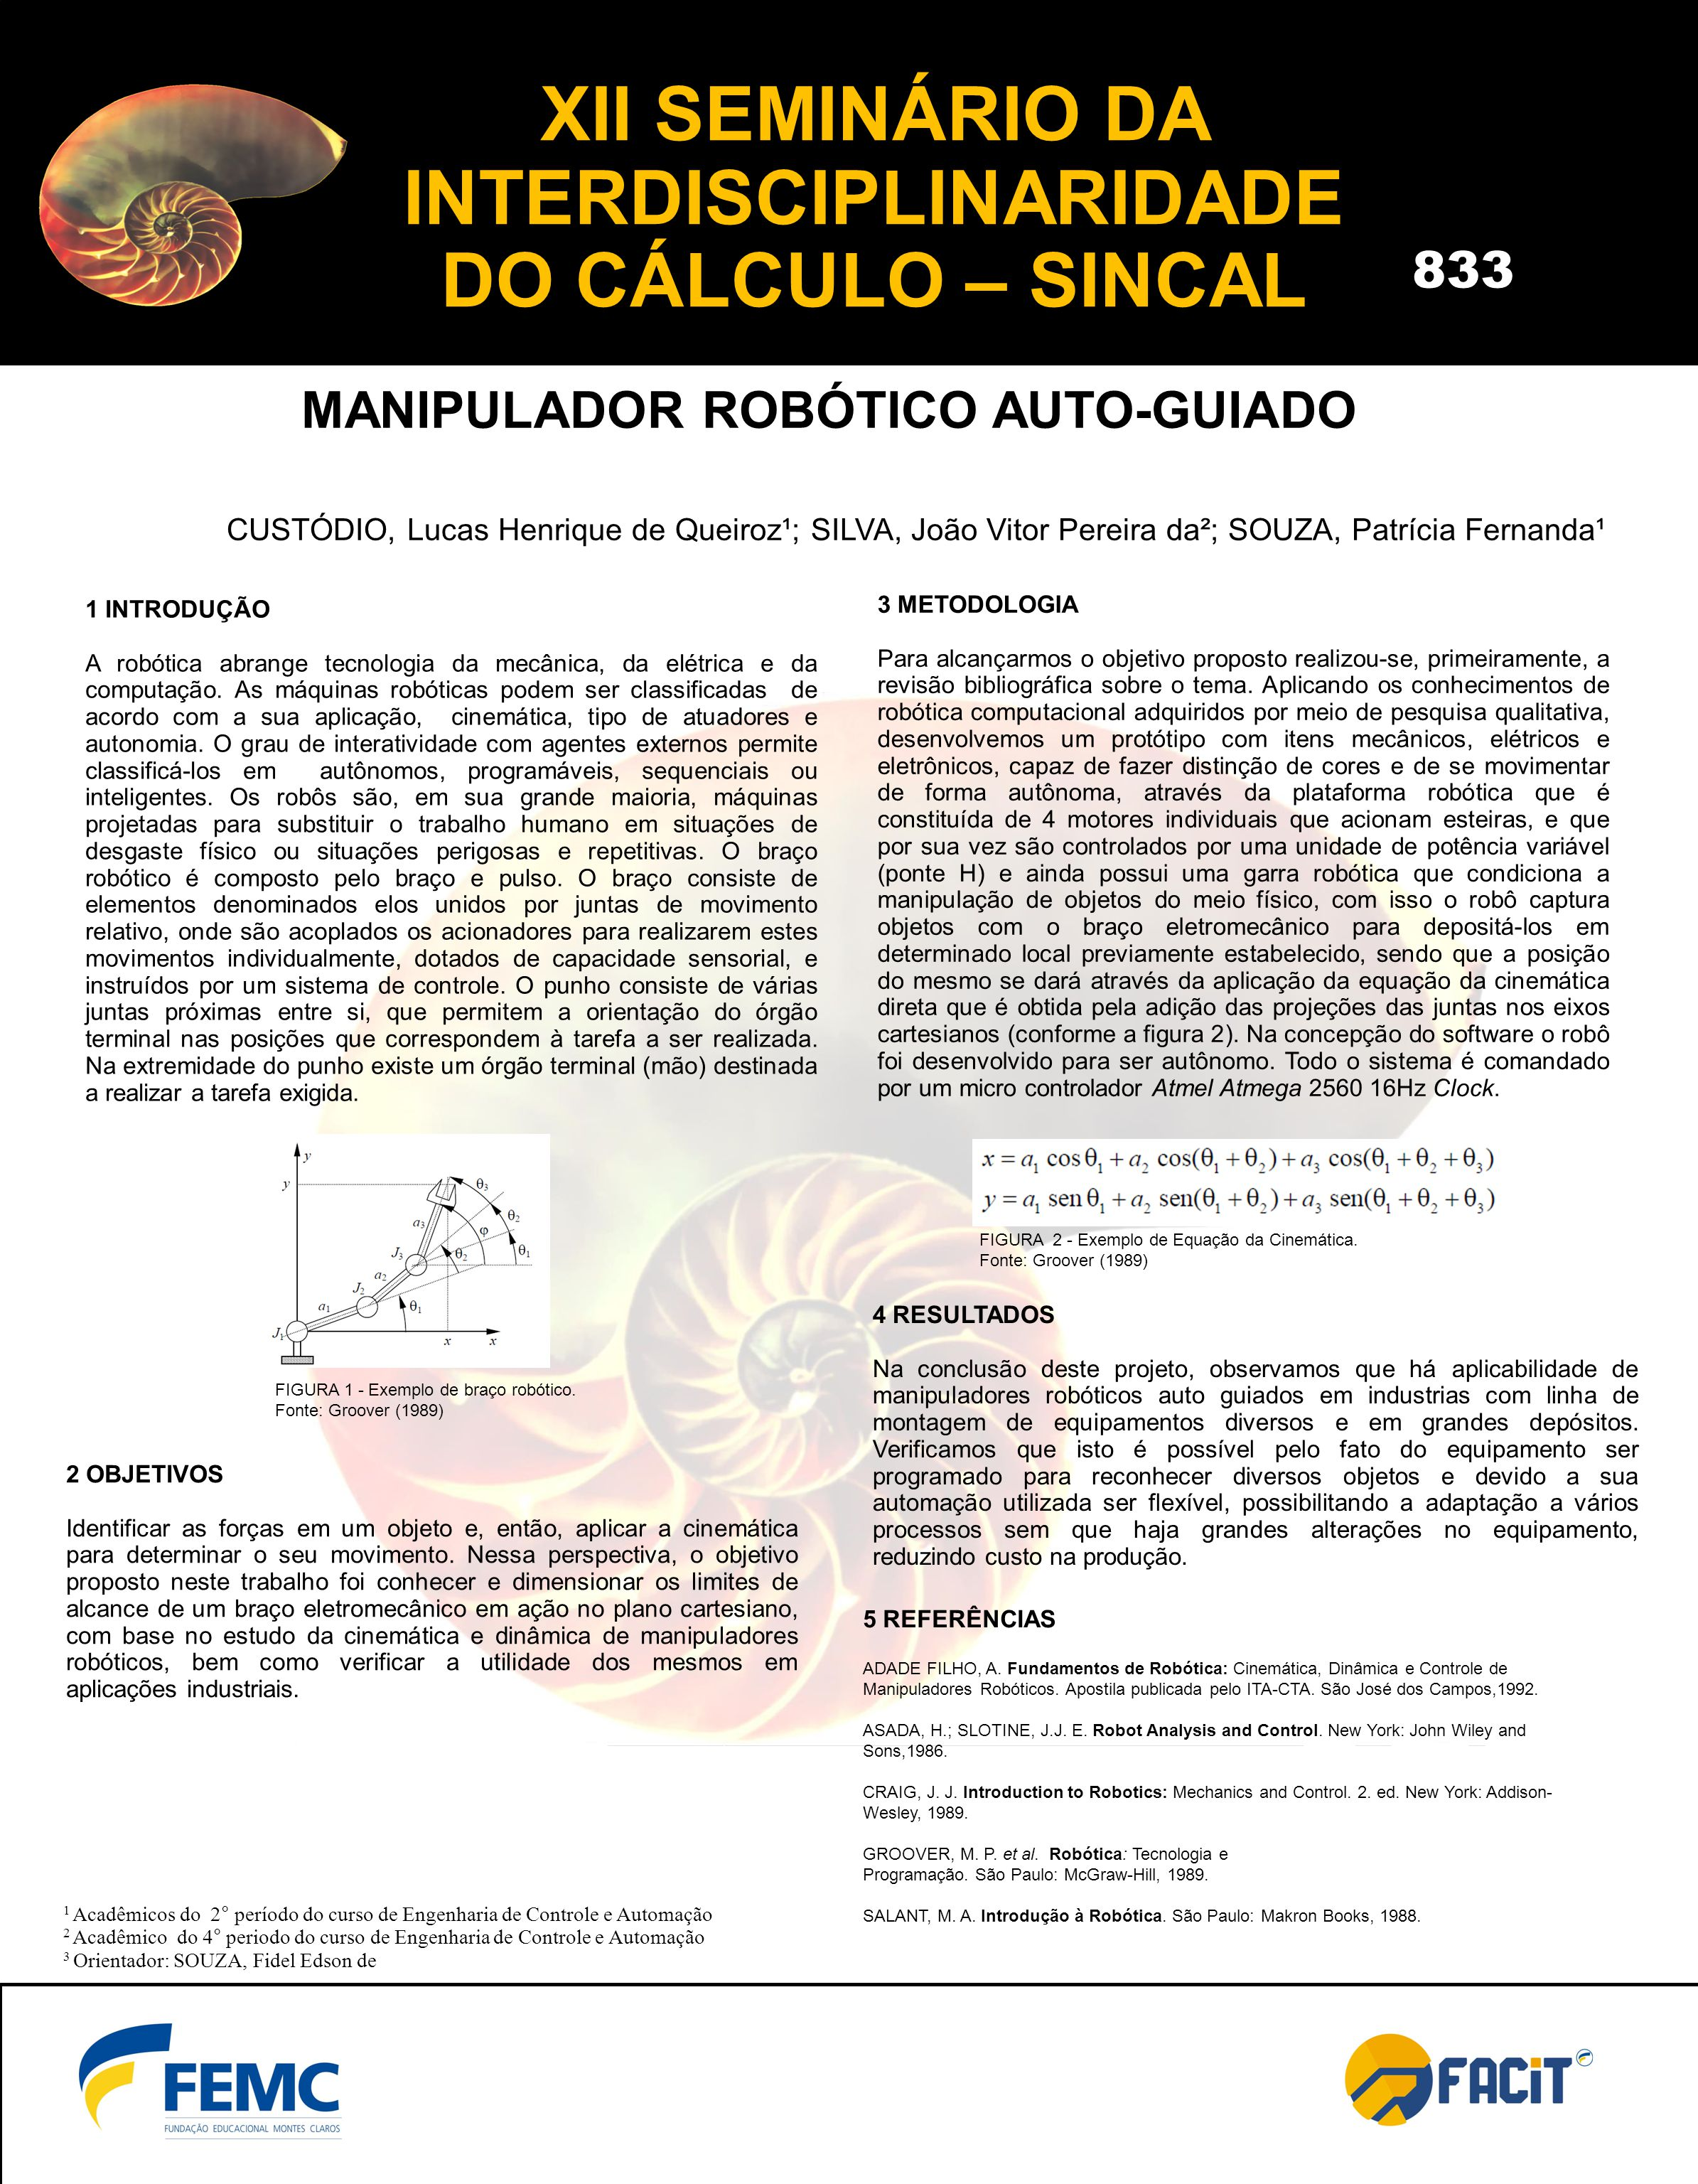 XII SEMINÁRIO DA INTERDISCIPLINARIDADE DO CÁLCULO – SINCAL